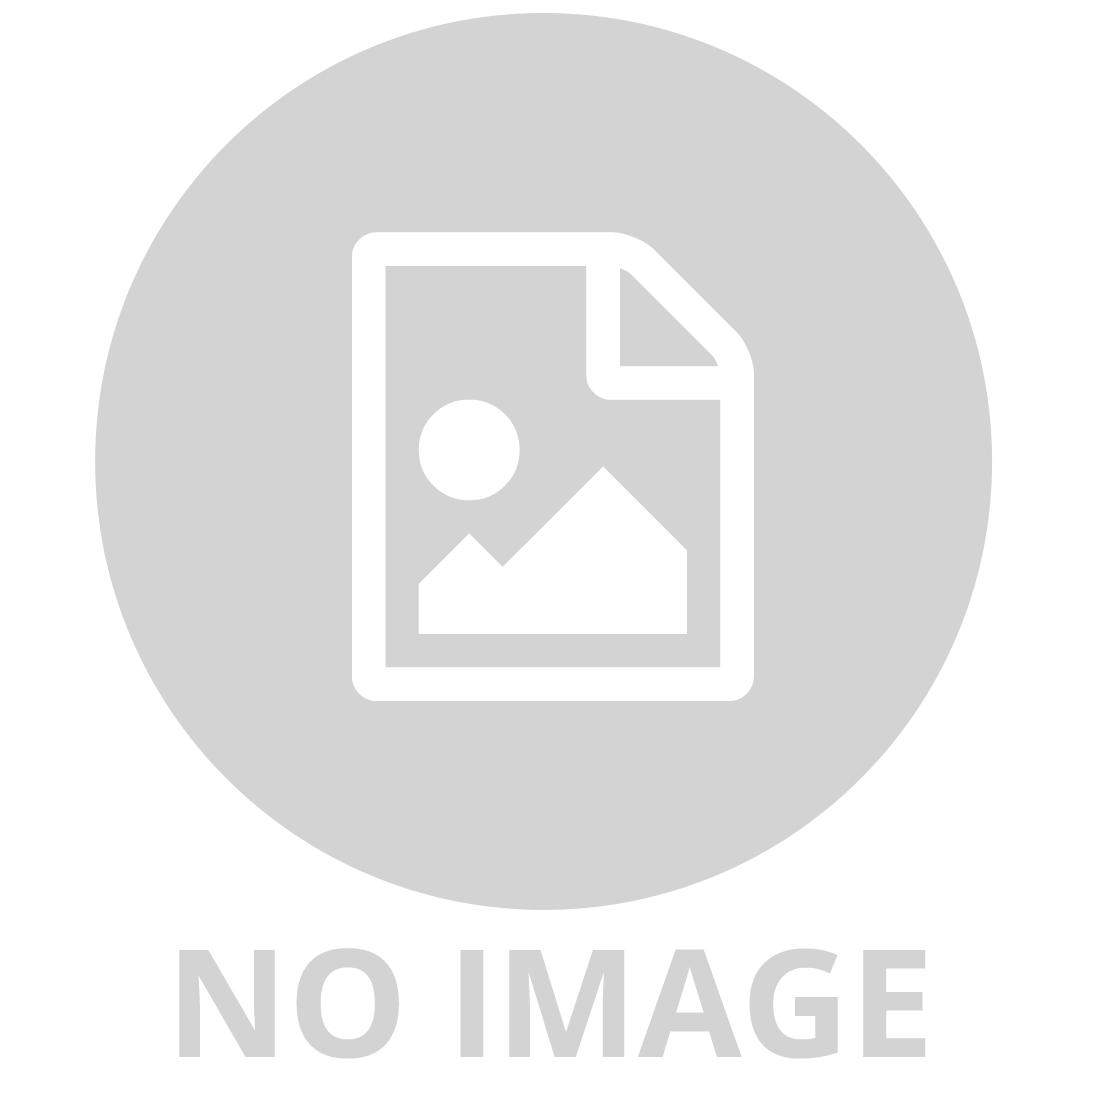 RAVENSBURGER 300 PC JIGSAW PUZZLE  SERENE SUNSET